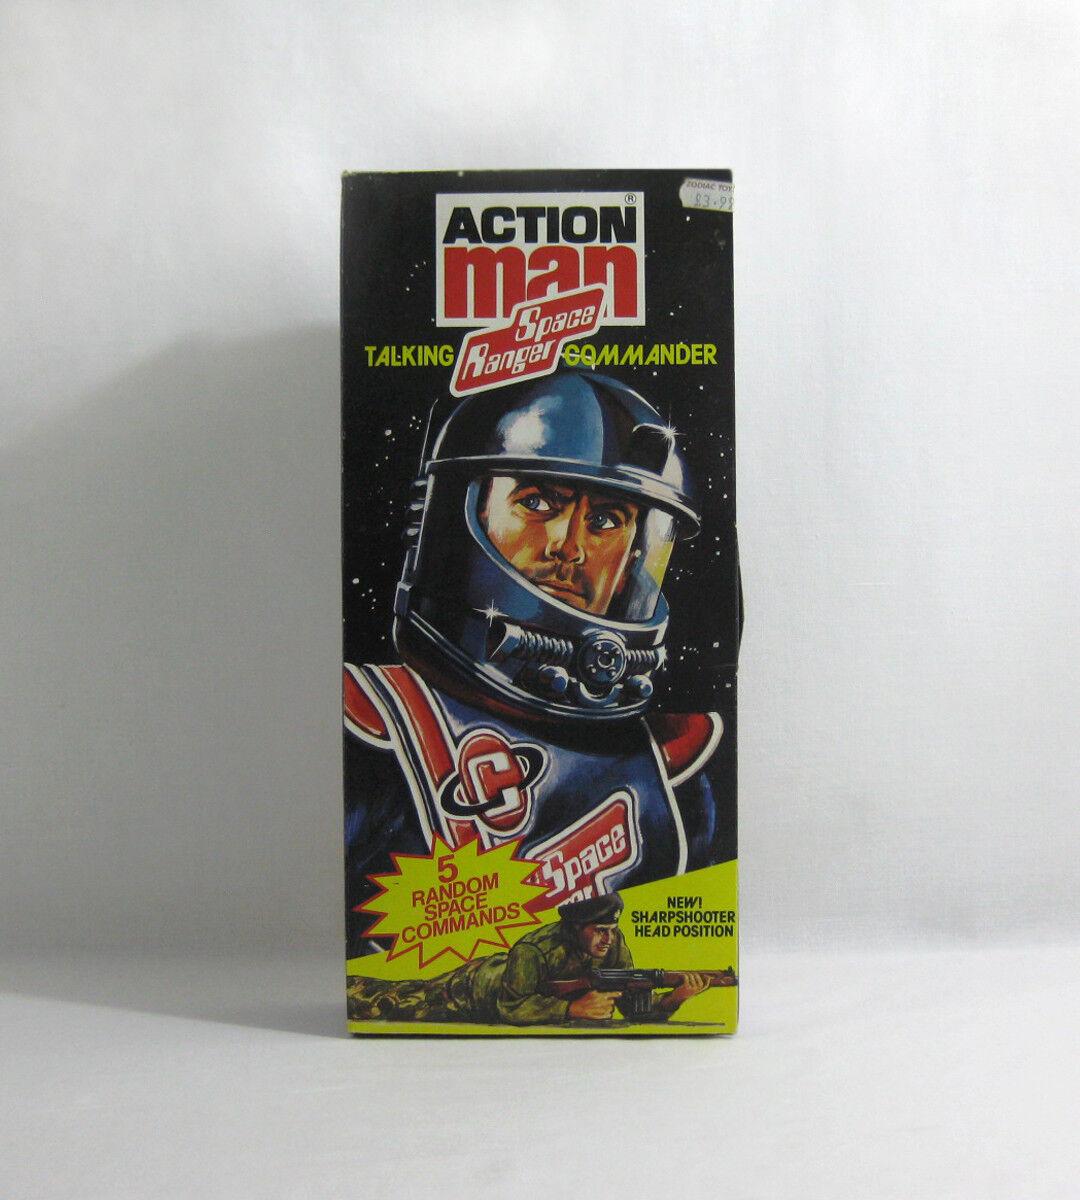 1981 VINTAGE ACTION MAN ✧ parlando SPACE RANGER Commander ✧ HASBRO G.I. Joe inutilizzati